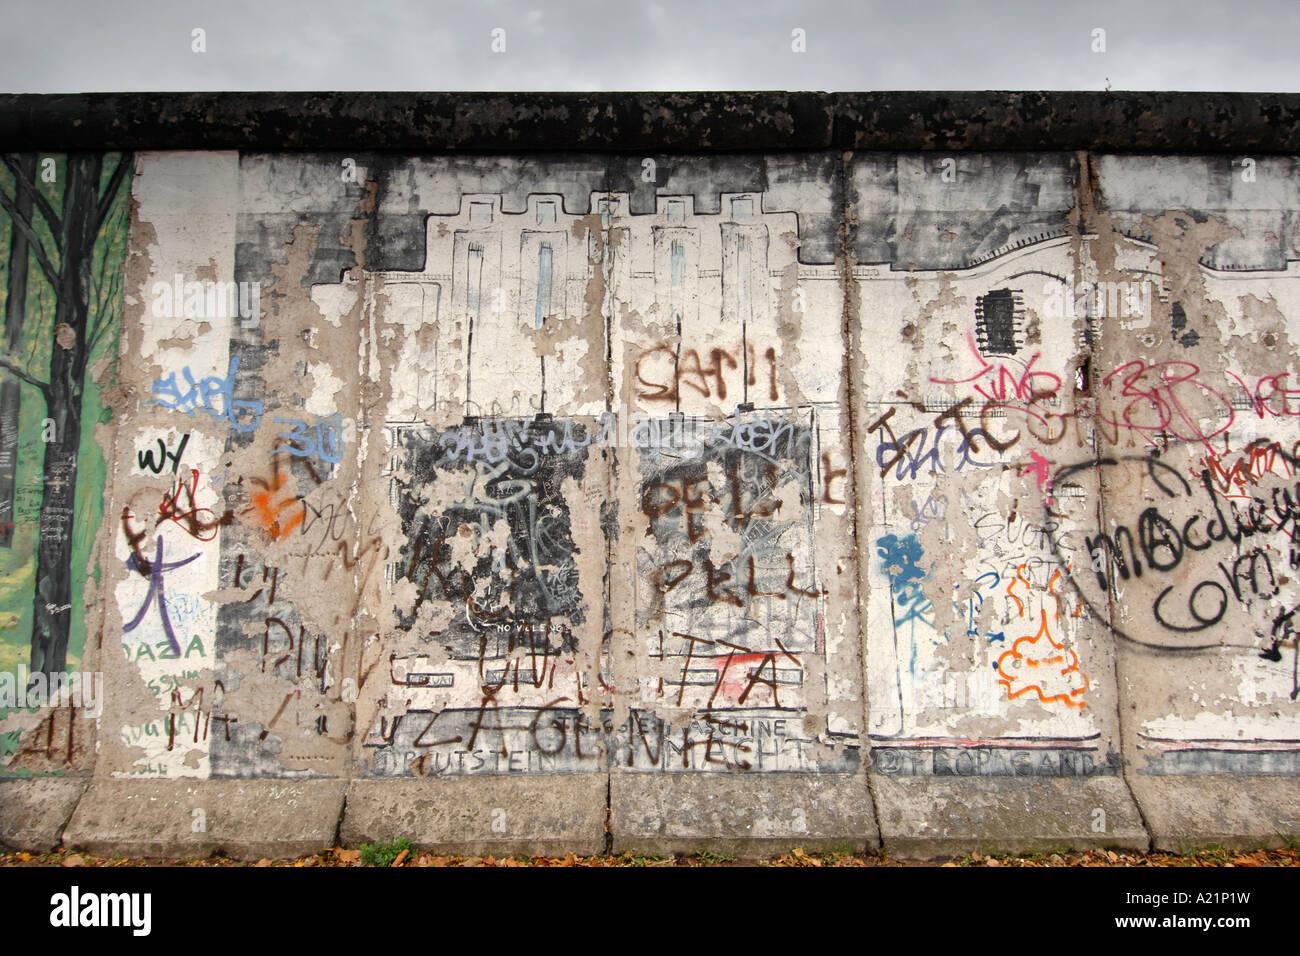 El East Side Gallery, una sección conmemorativa conservada del muro de Berlín, en Alemania. Imagen De Stock